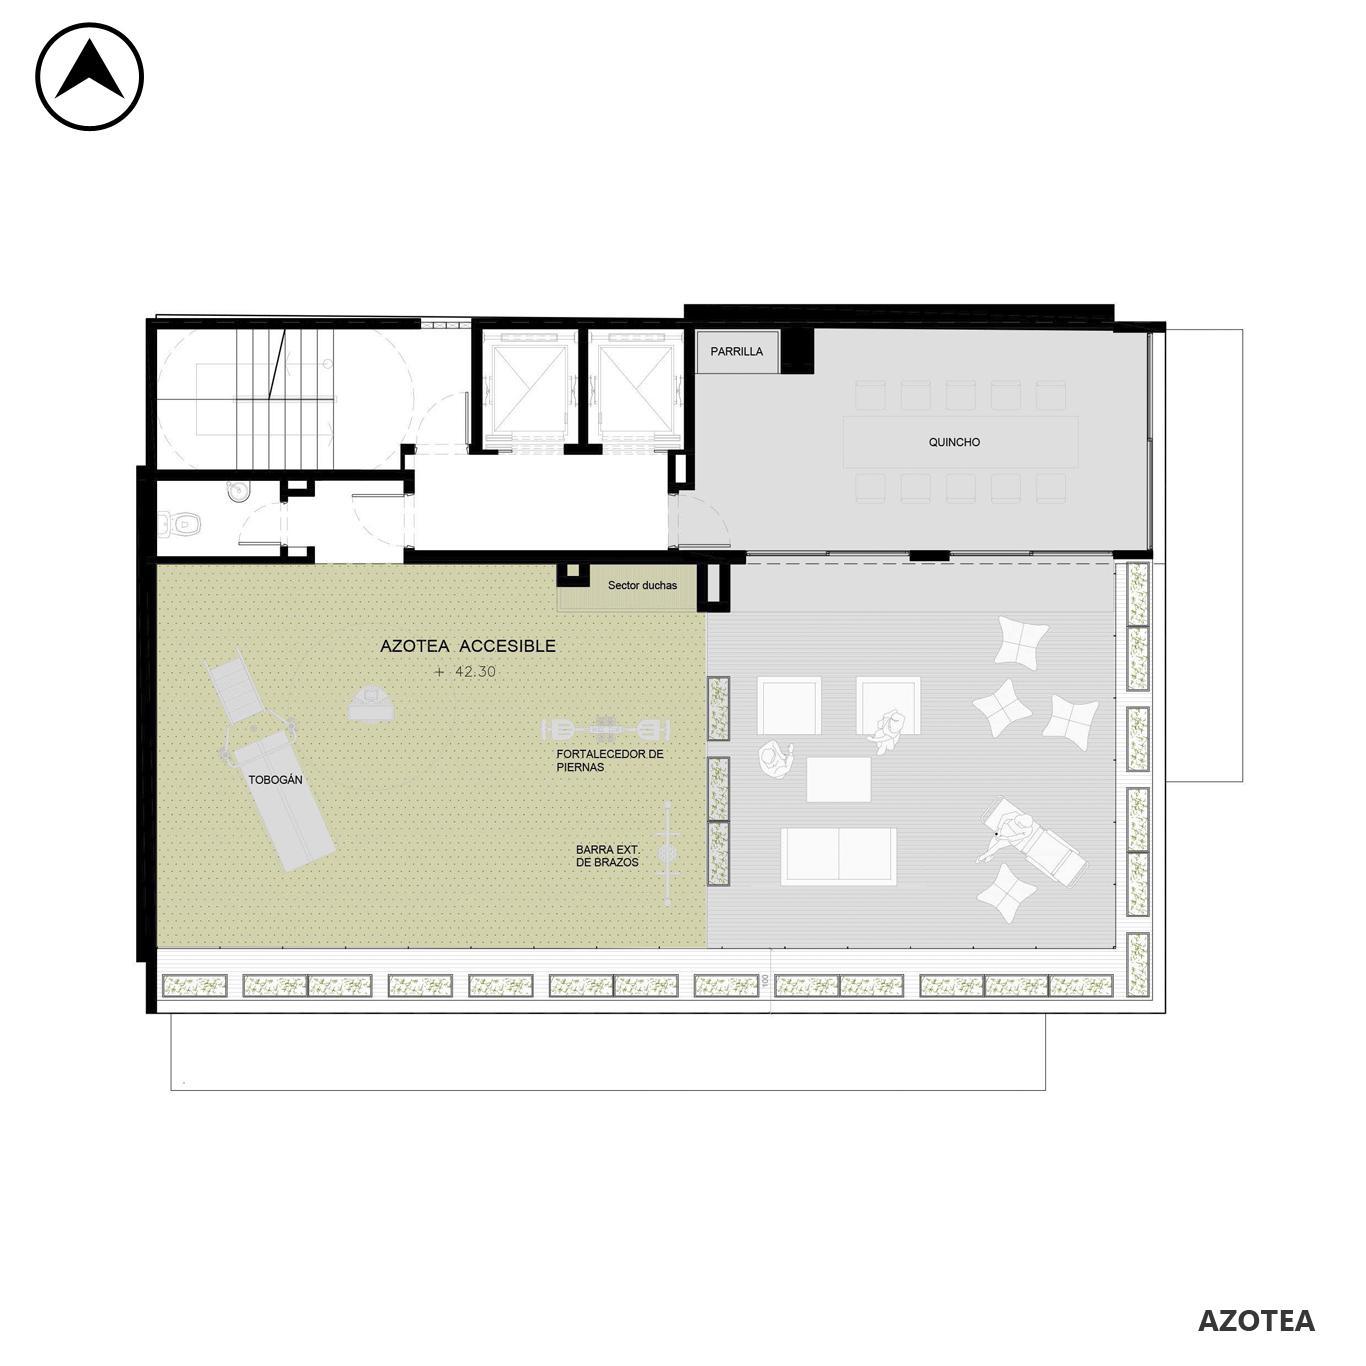 Venta departamento 2 dormitorios Rosario, República De La Sexta. Cod CBU24834 AP2314141. Crestale Propiedades